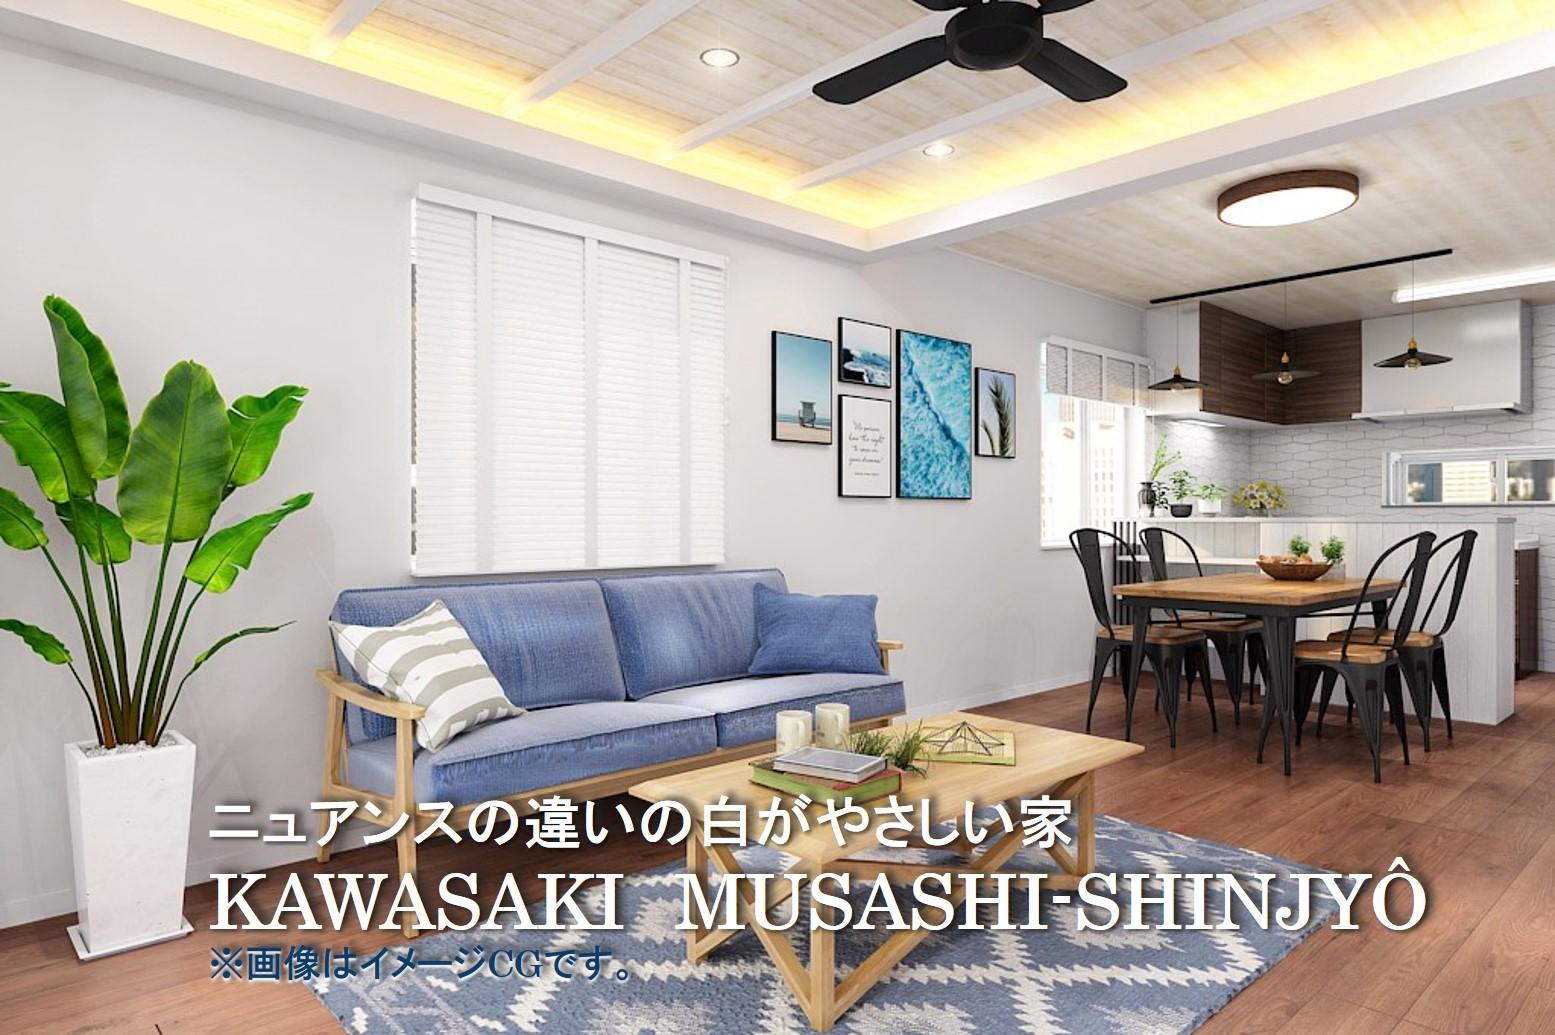 ニュアンス違いの白が優しい家 KAWASAKI MUSASHI-SHINJYÔ